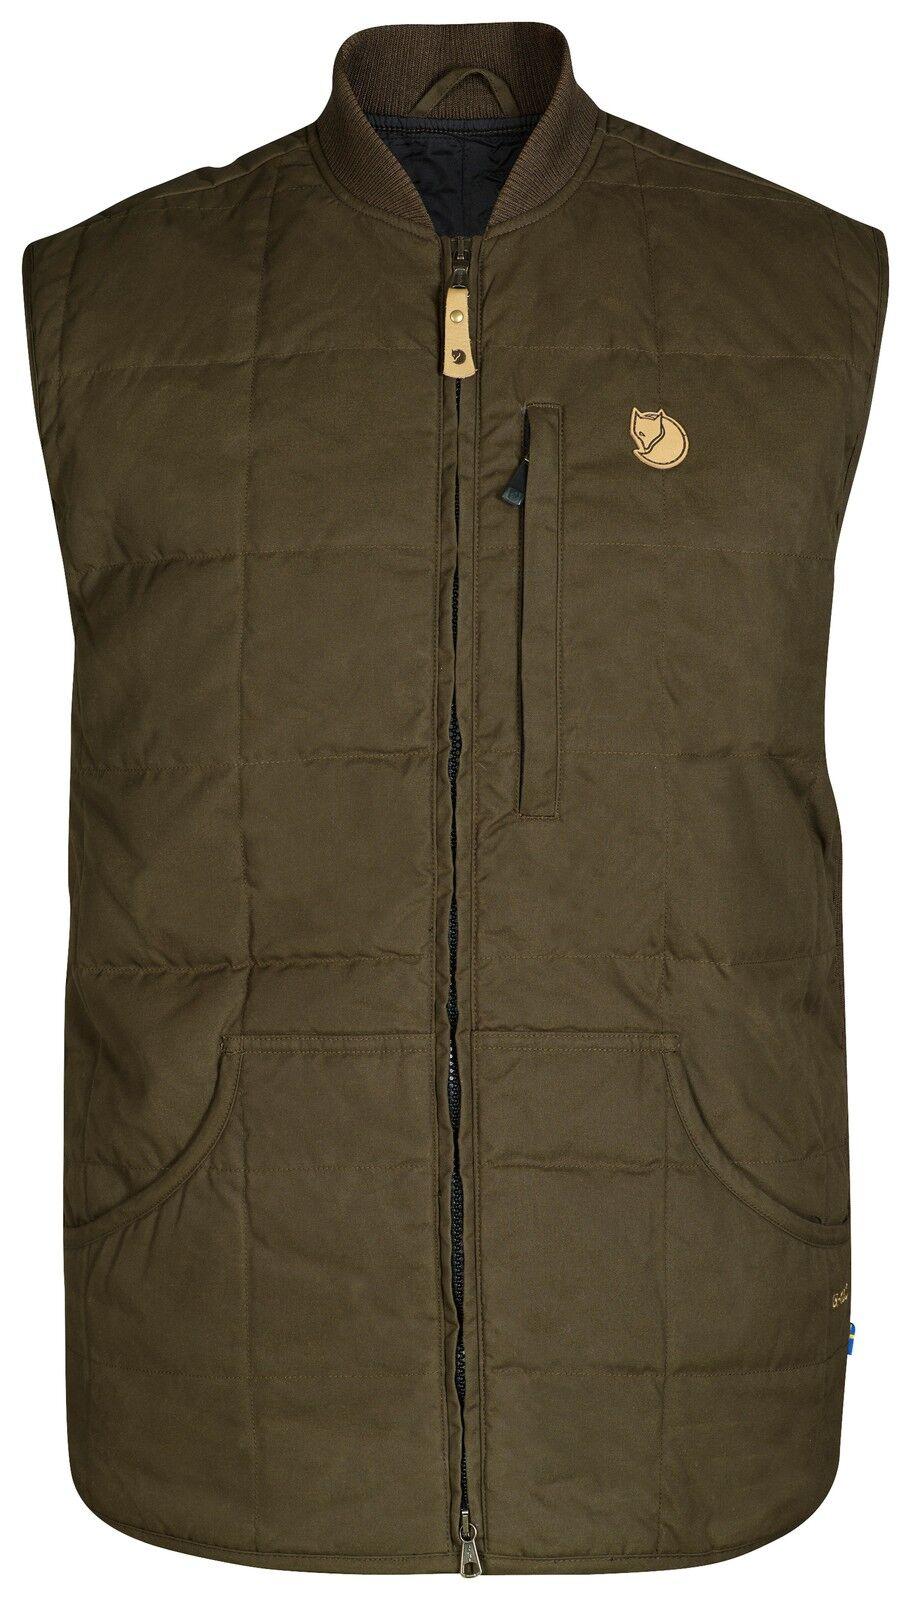 Fjällräven Grimsey Vest 90501 dark oliv G-1000 Weste Outdoorweste Jagdweste